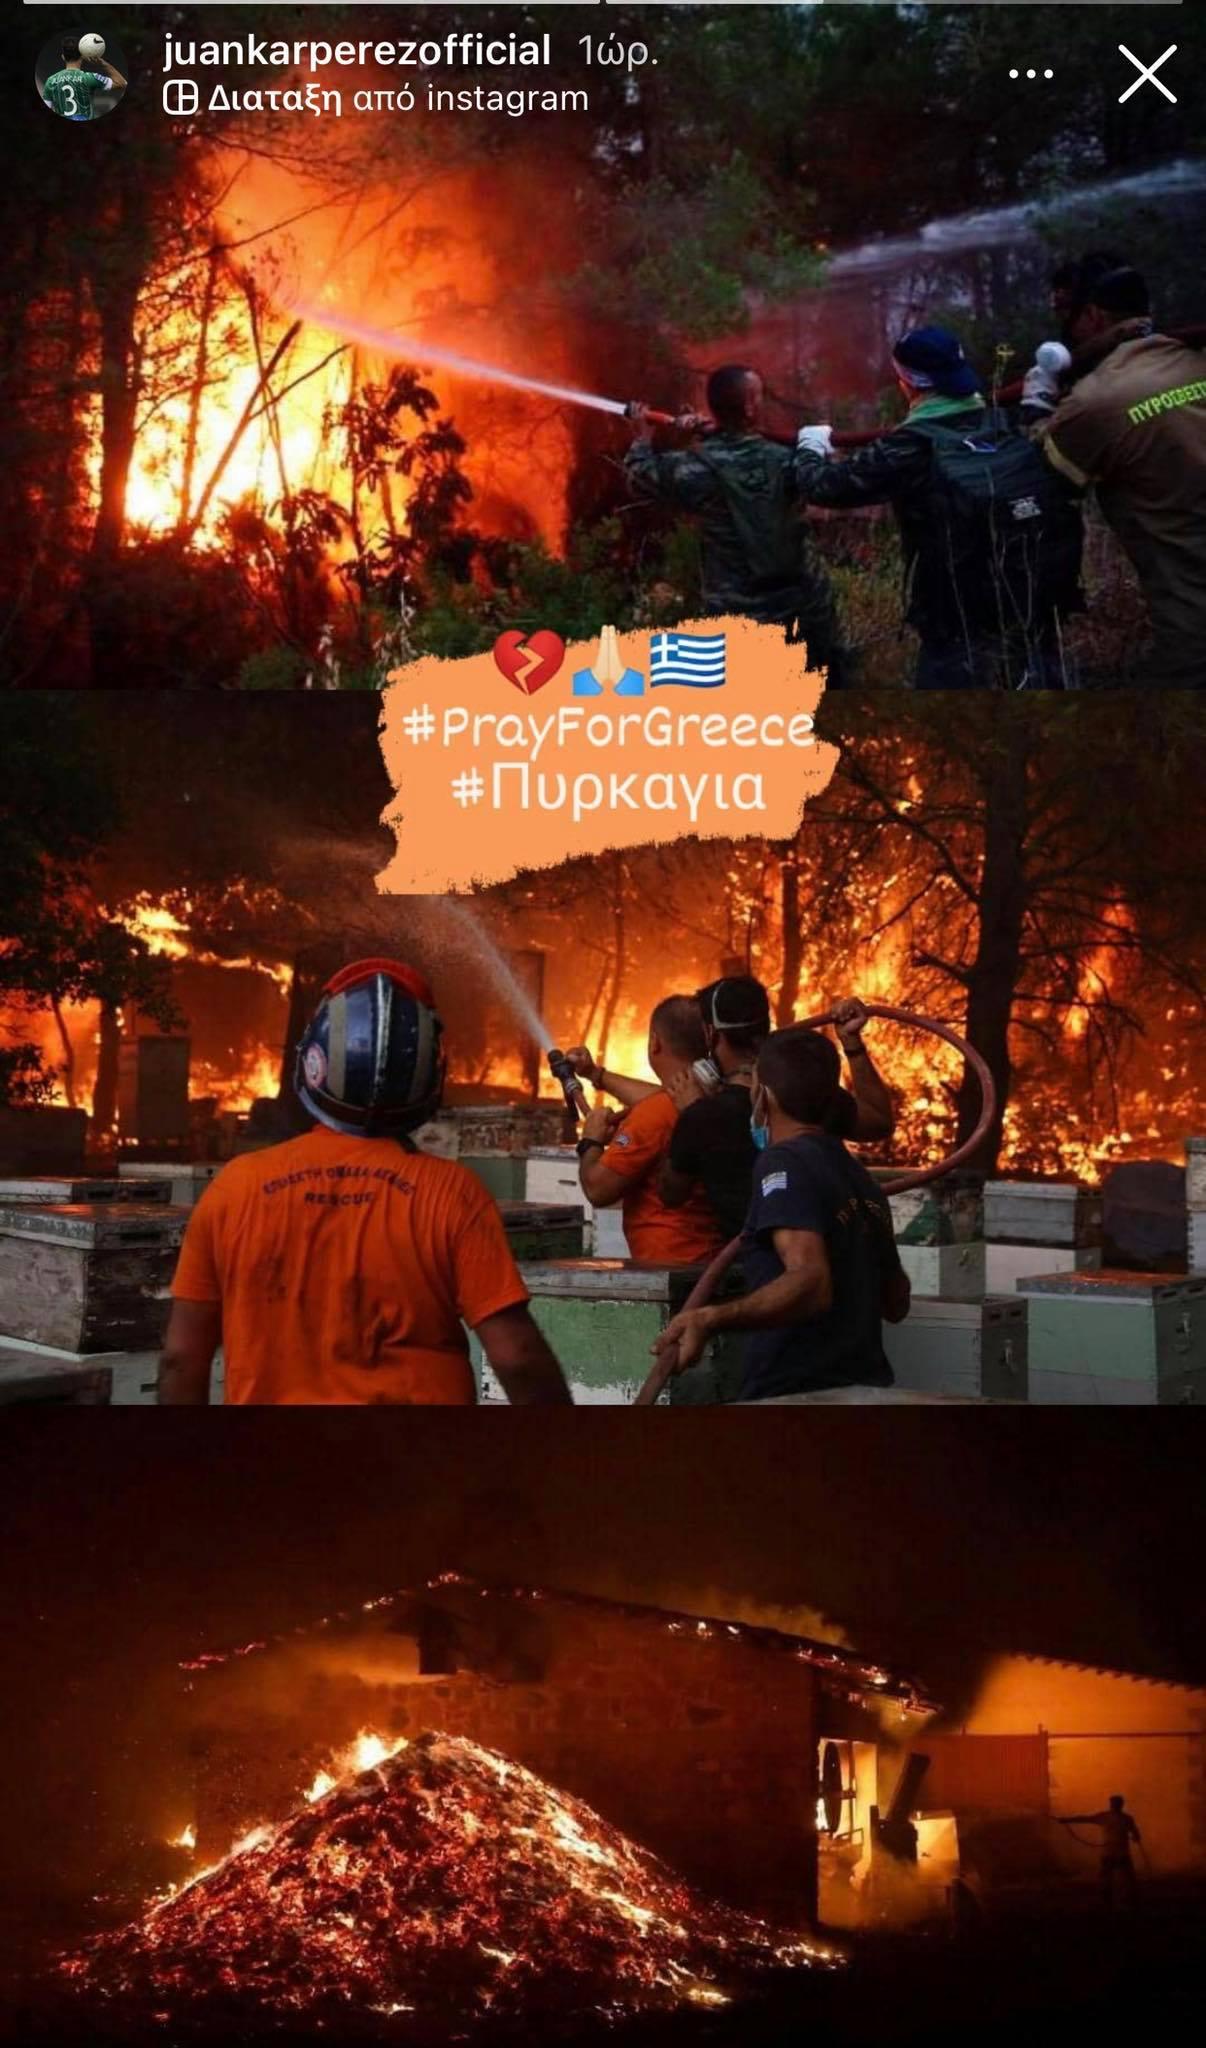 Ράγισε η καρδιά του - Προσεύχεται για την Ελλάδα ο Χουάνκαρ! (pic)